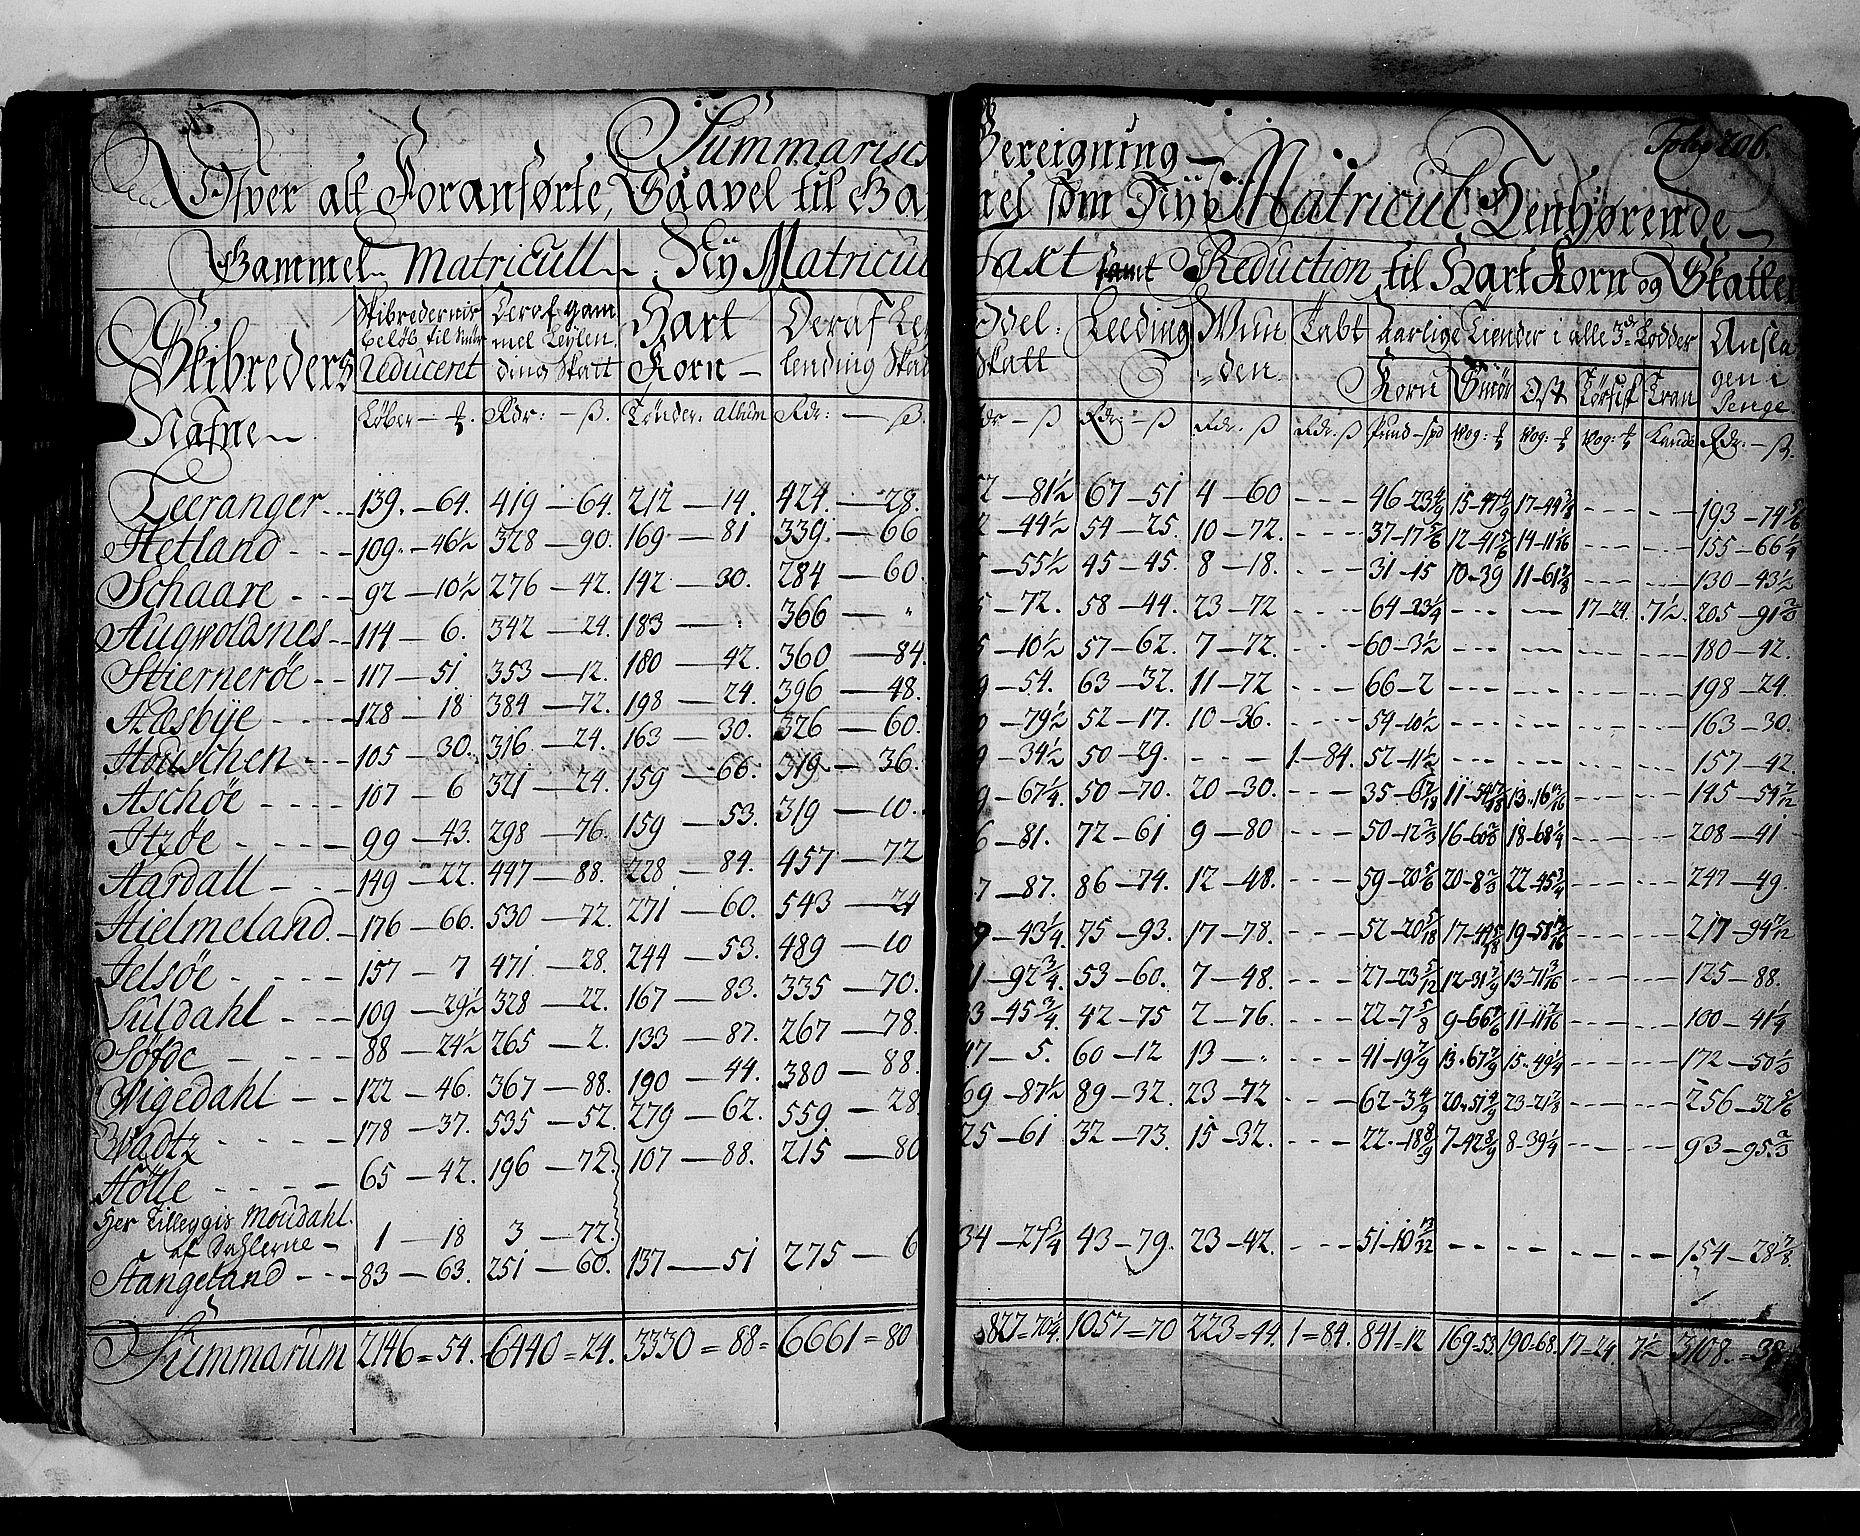 RA, Rentekammeret inntil 1814, Realistisk ordnet avdeling, N/Nb/Nbf/L0133b: Ryfylke matrikkelprotokoll, 1723, s. 205b-206a